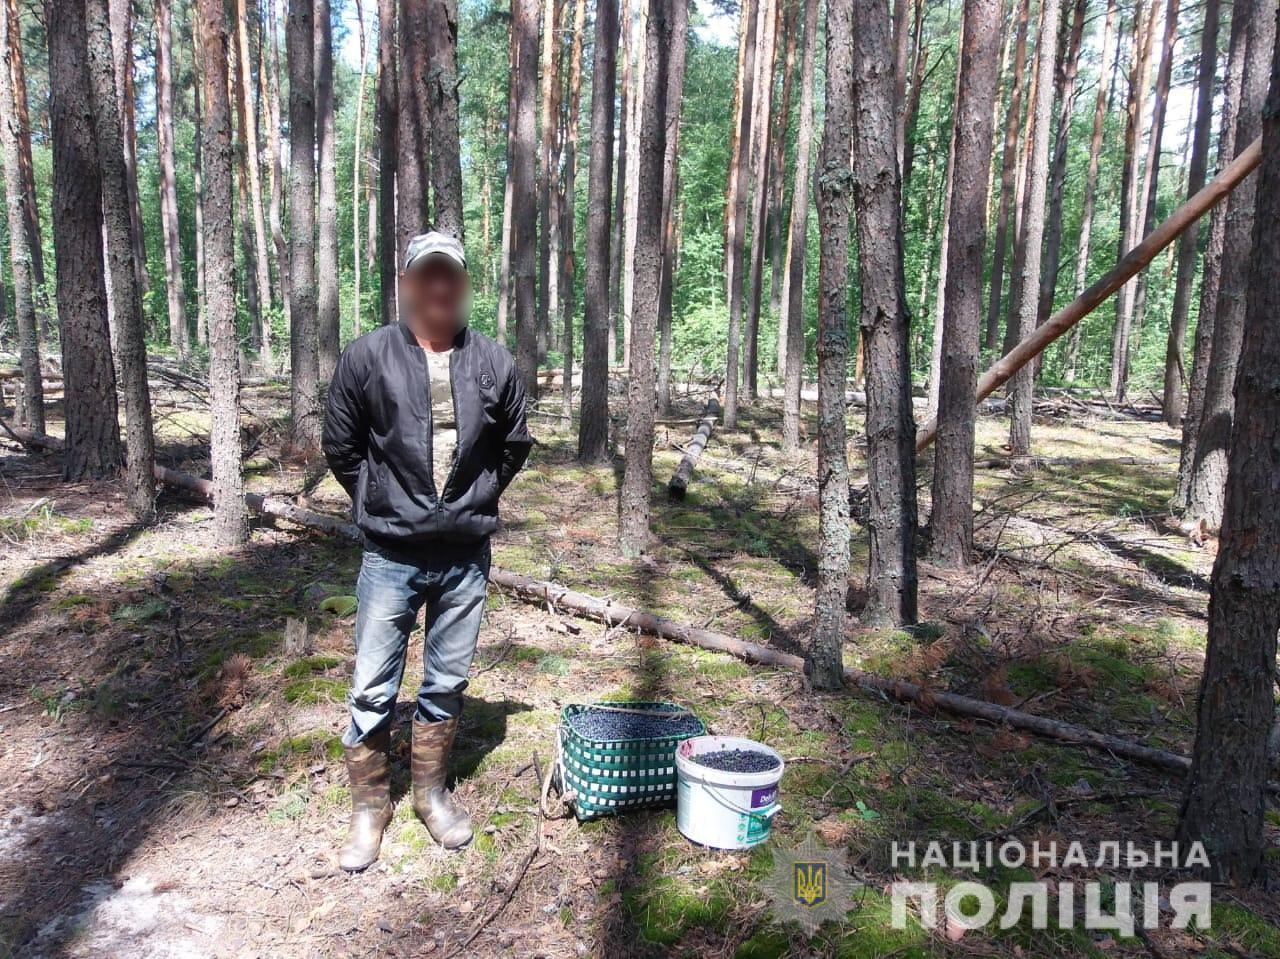 У збирачів в зоні відчуження ЧАЕС вилучено 300 кг ягід та 20 кг грибів - ЧАЕС, Поліція, Зона відчуження - CHornytsya 1